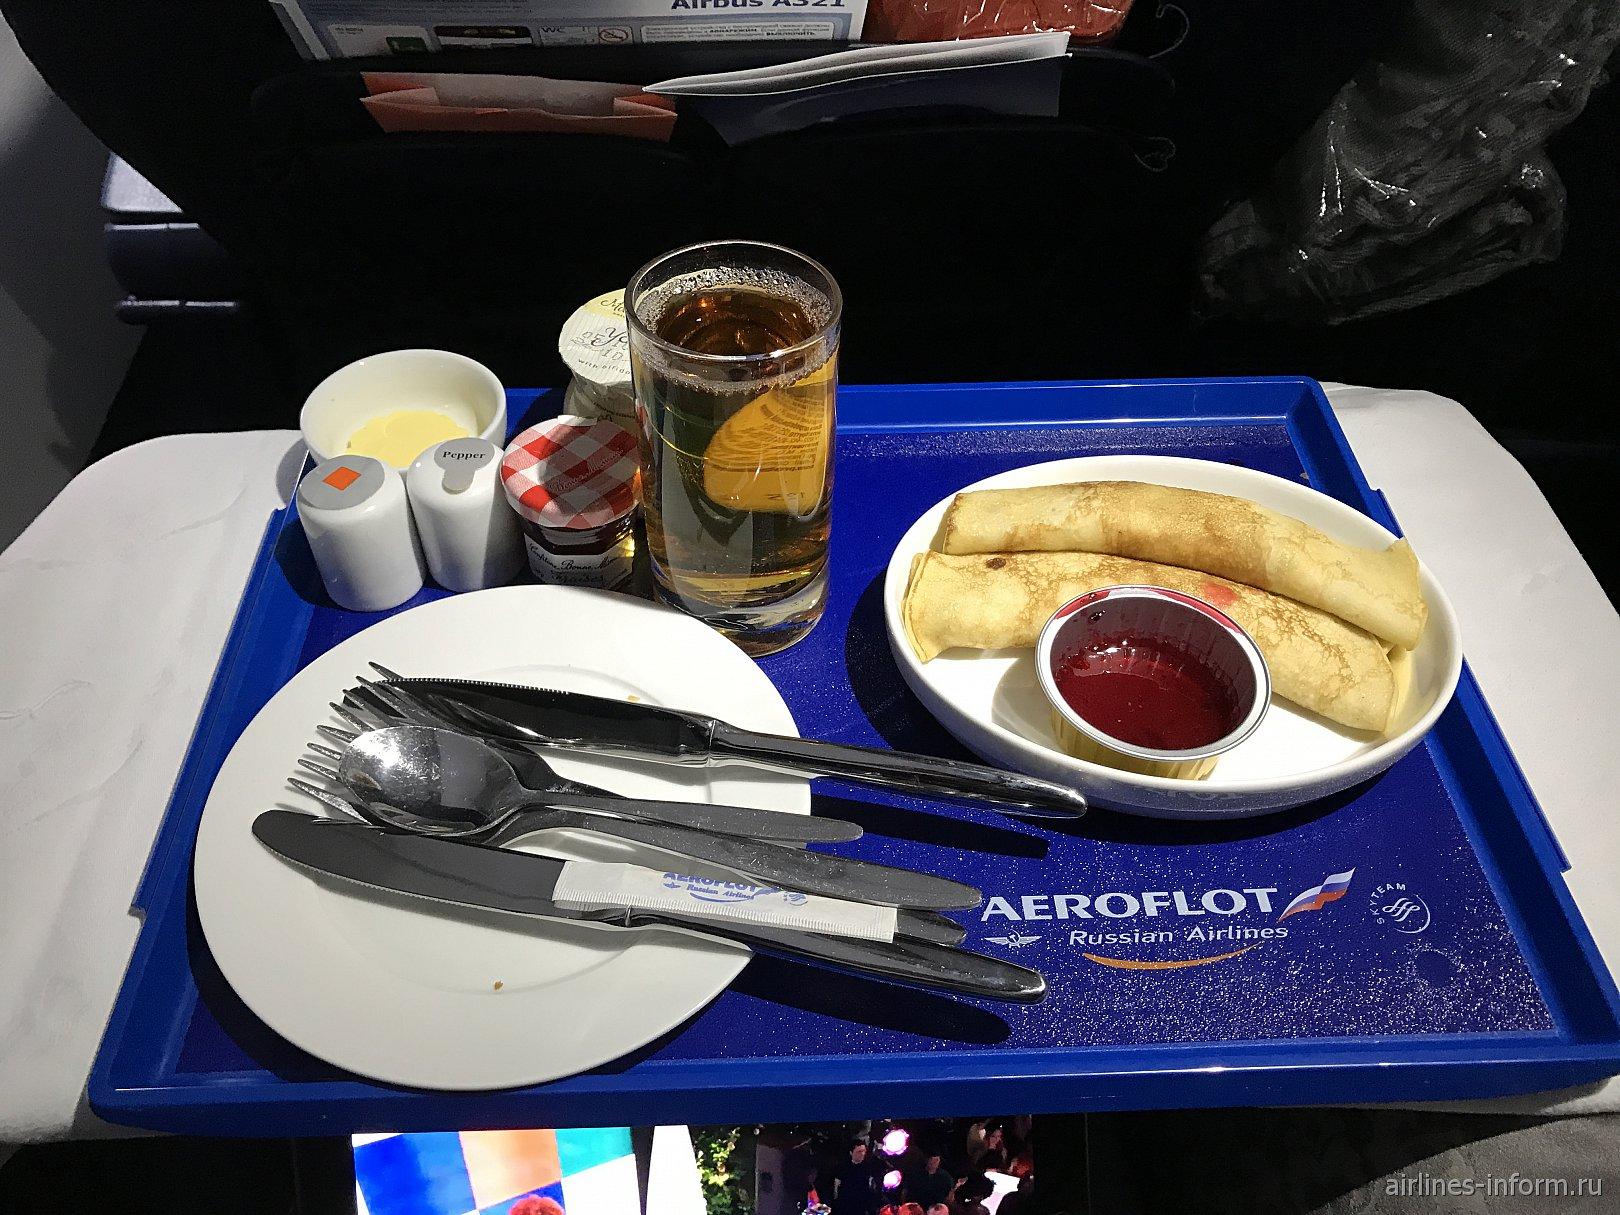 Питание в бизнес классе ,,Аэрофлота'' по маршруту Москва-Барселона. Блинчики с вишнёвым соусом.